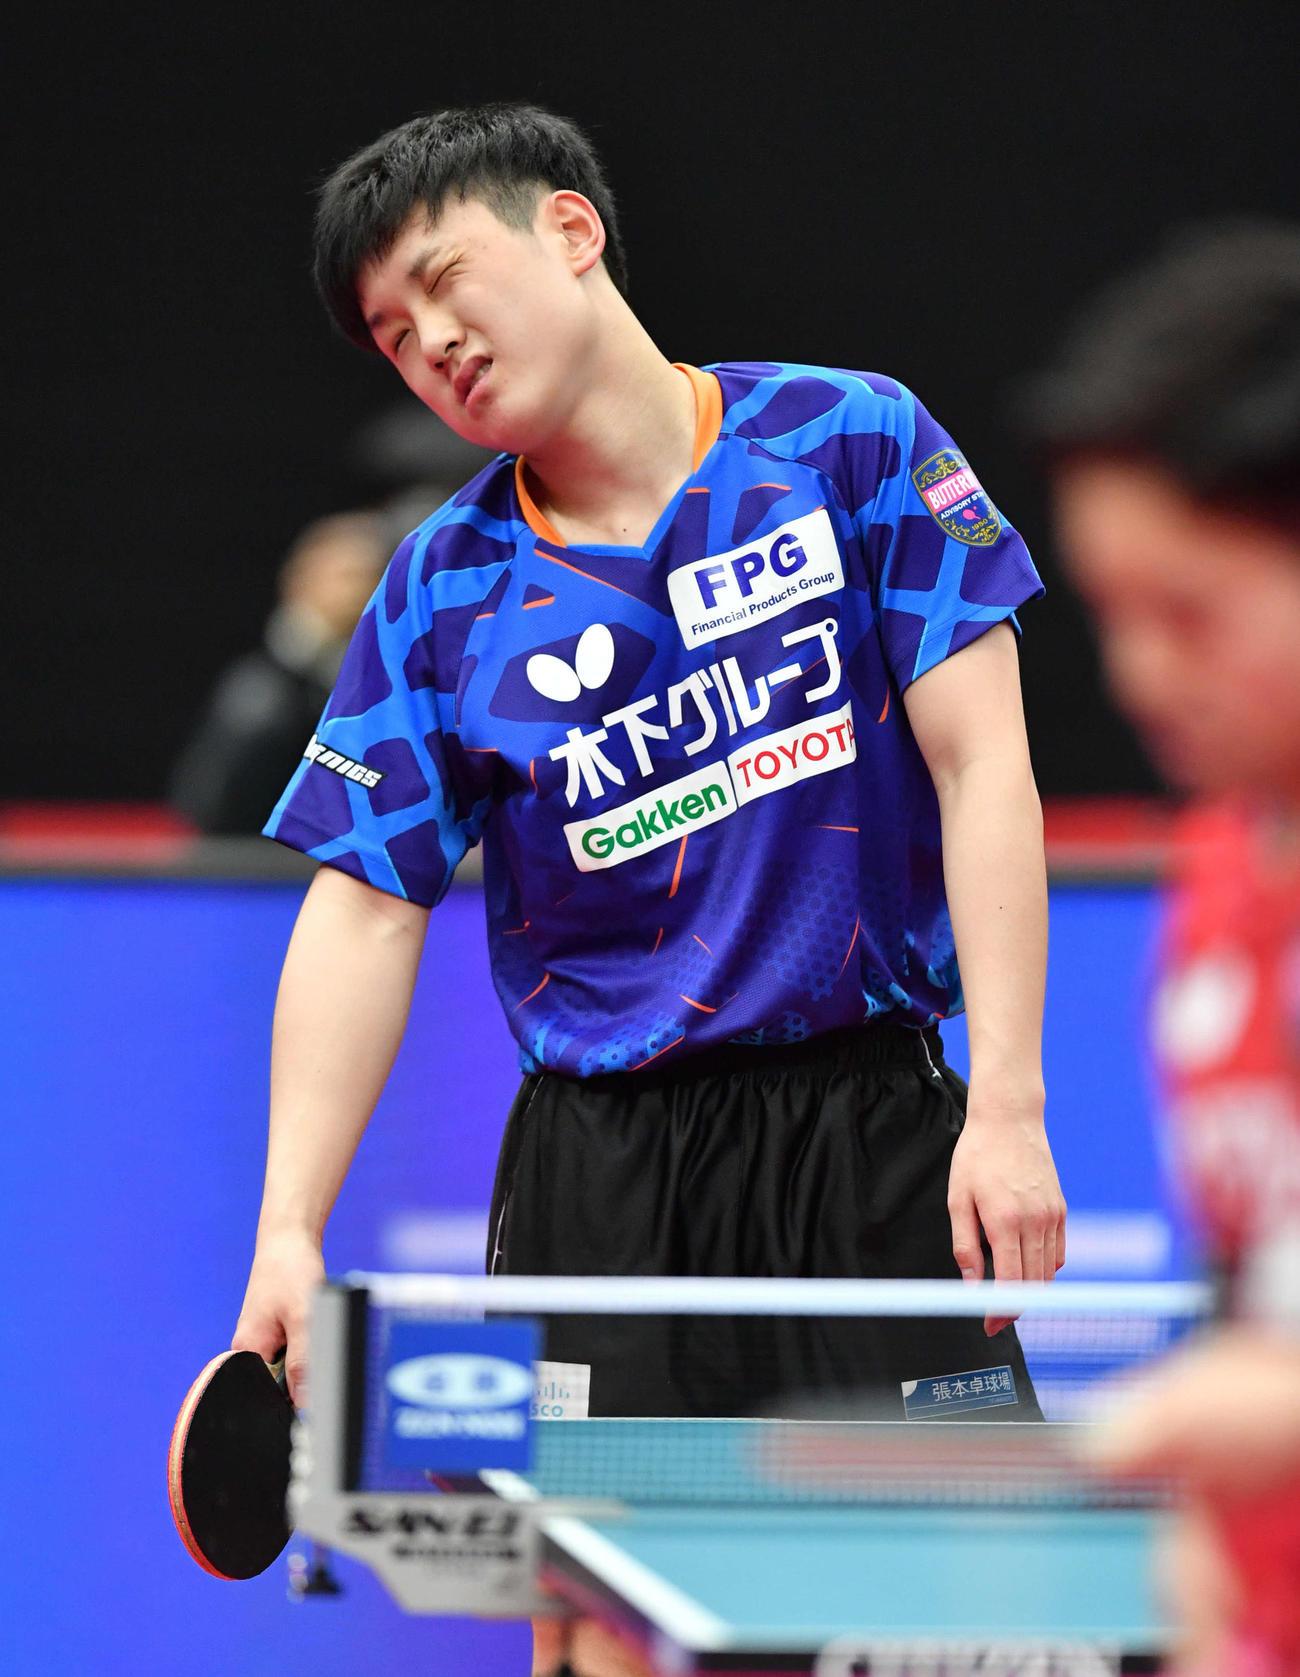 全日本卓球選手権男子シングルス準々決勝 ミスで失点し悔しそうな表情を見せる張本智和(撮影・岩下翔太)